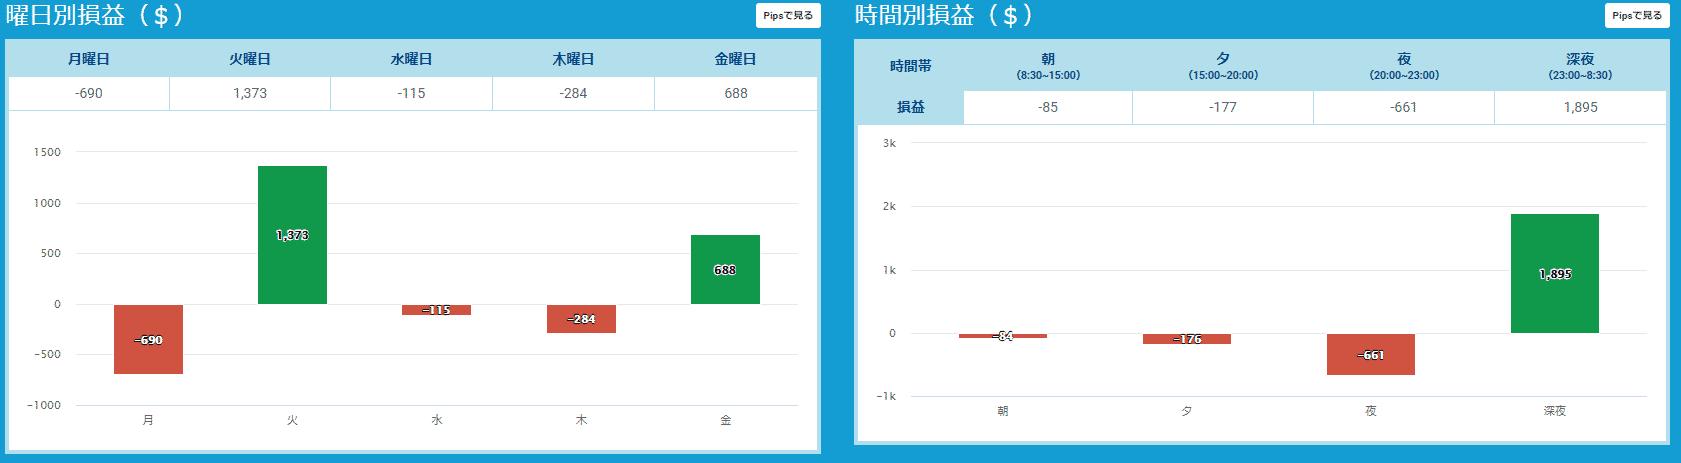 プロップトレーダーチャートYuya2